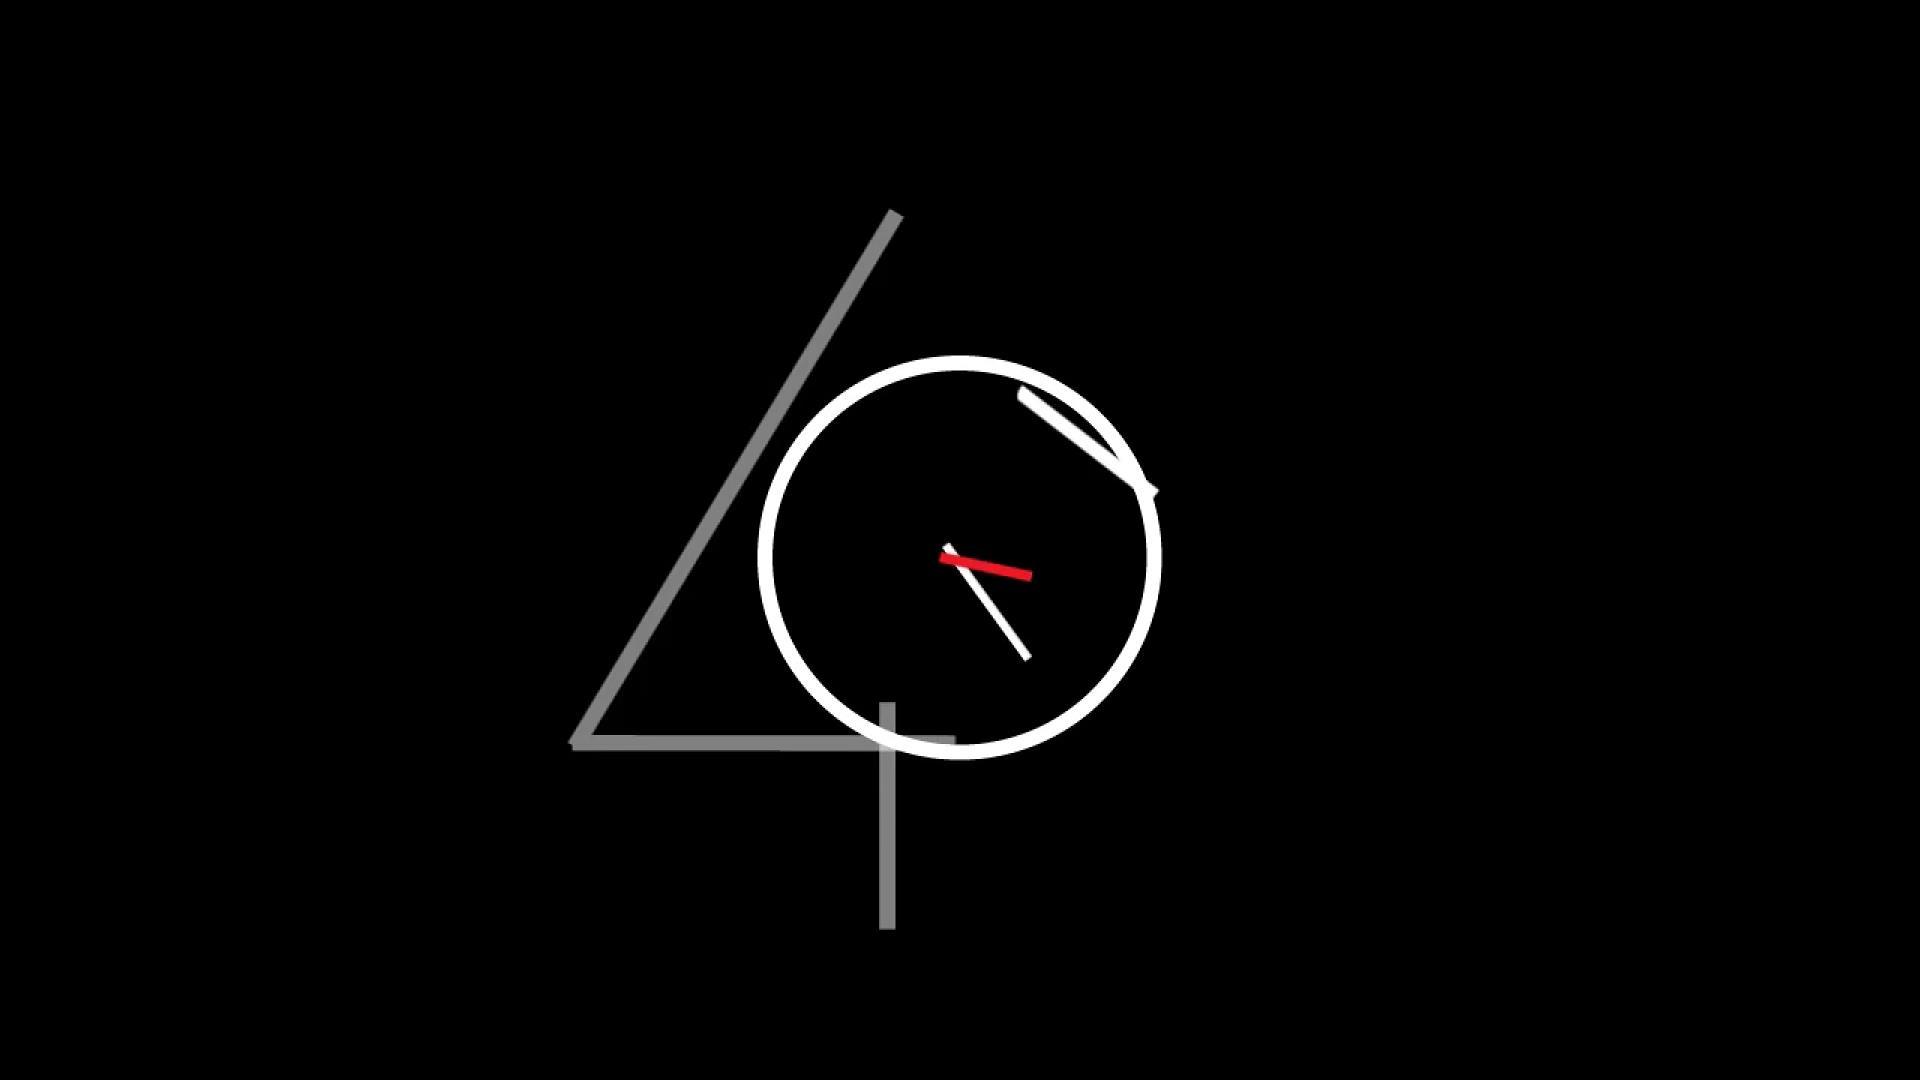 简单创意时钟转动10s倒计时mg动画视频素材